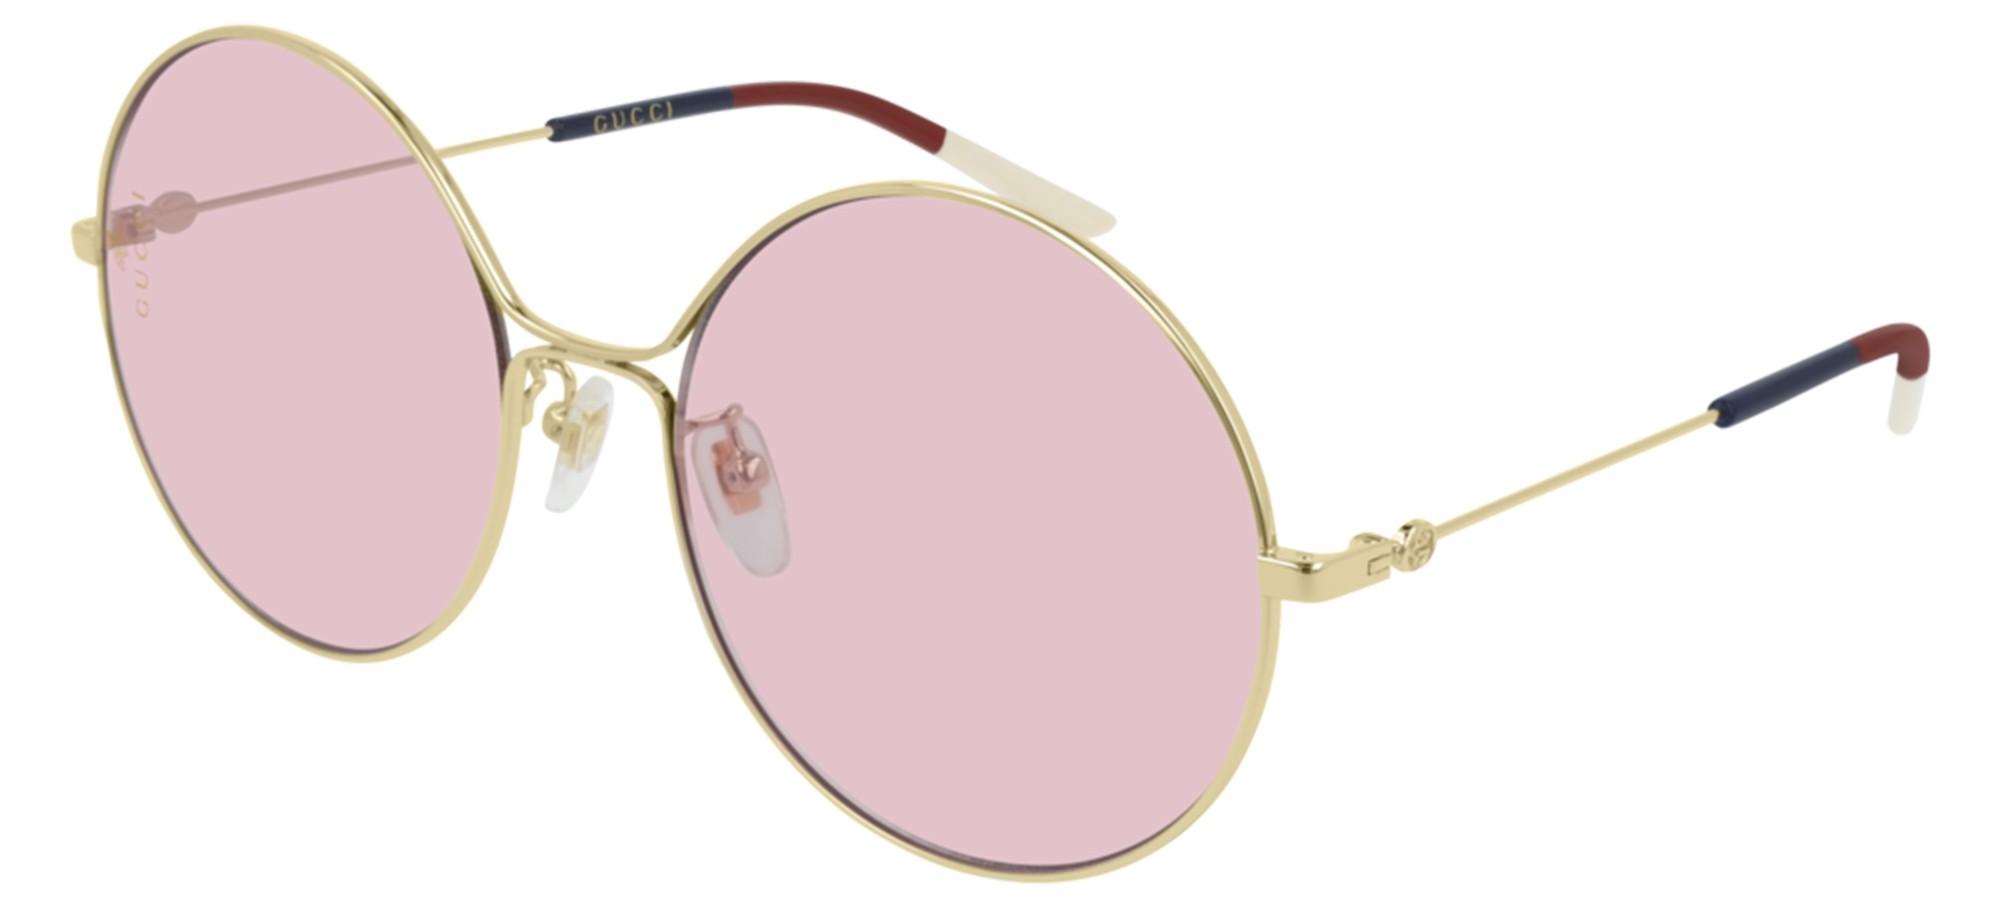 Gucci sunglasses GG0395S